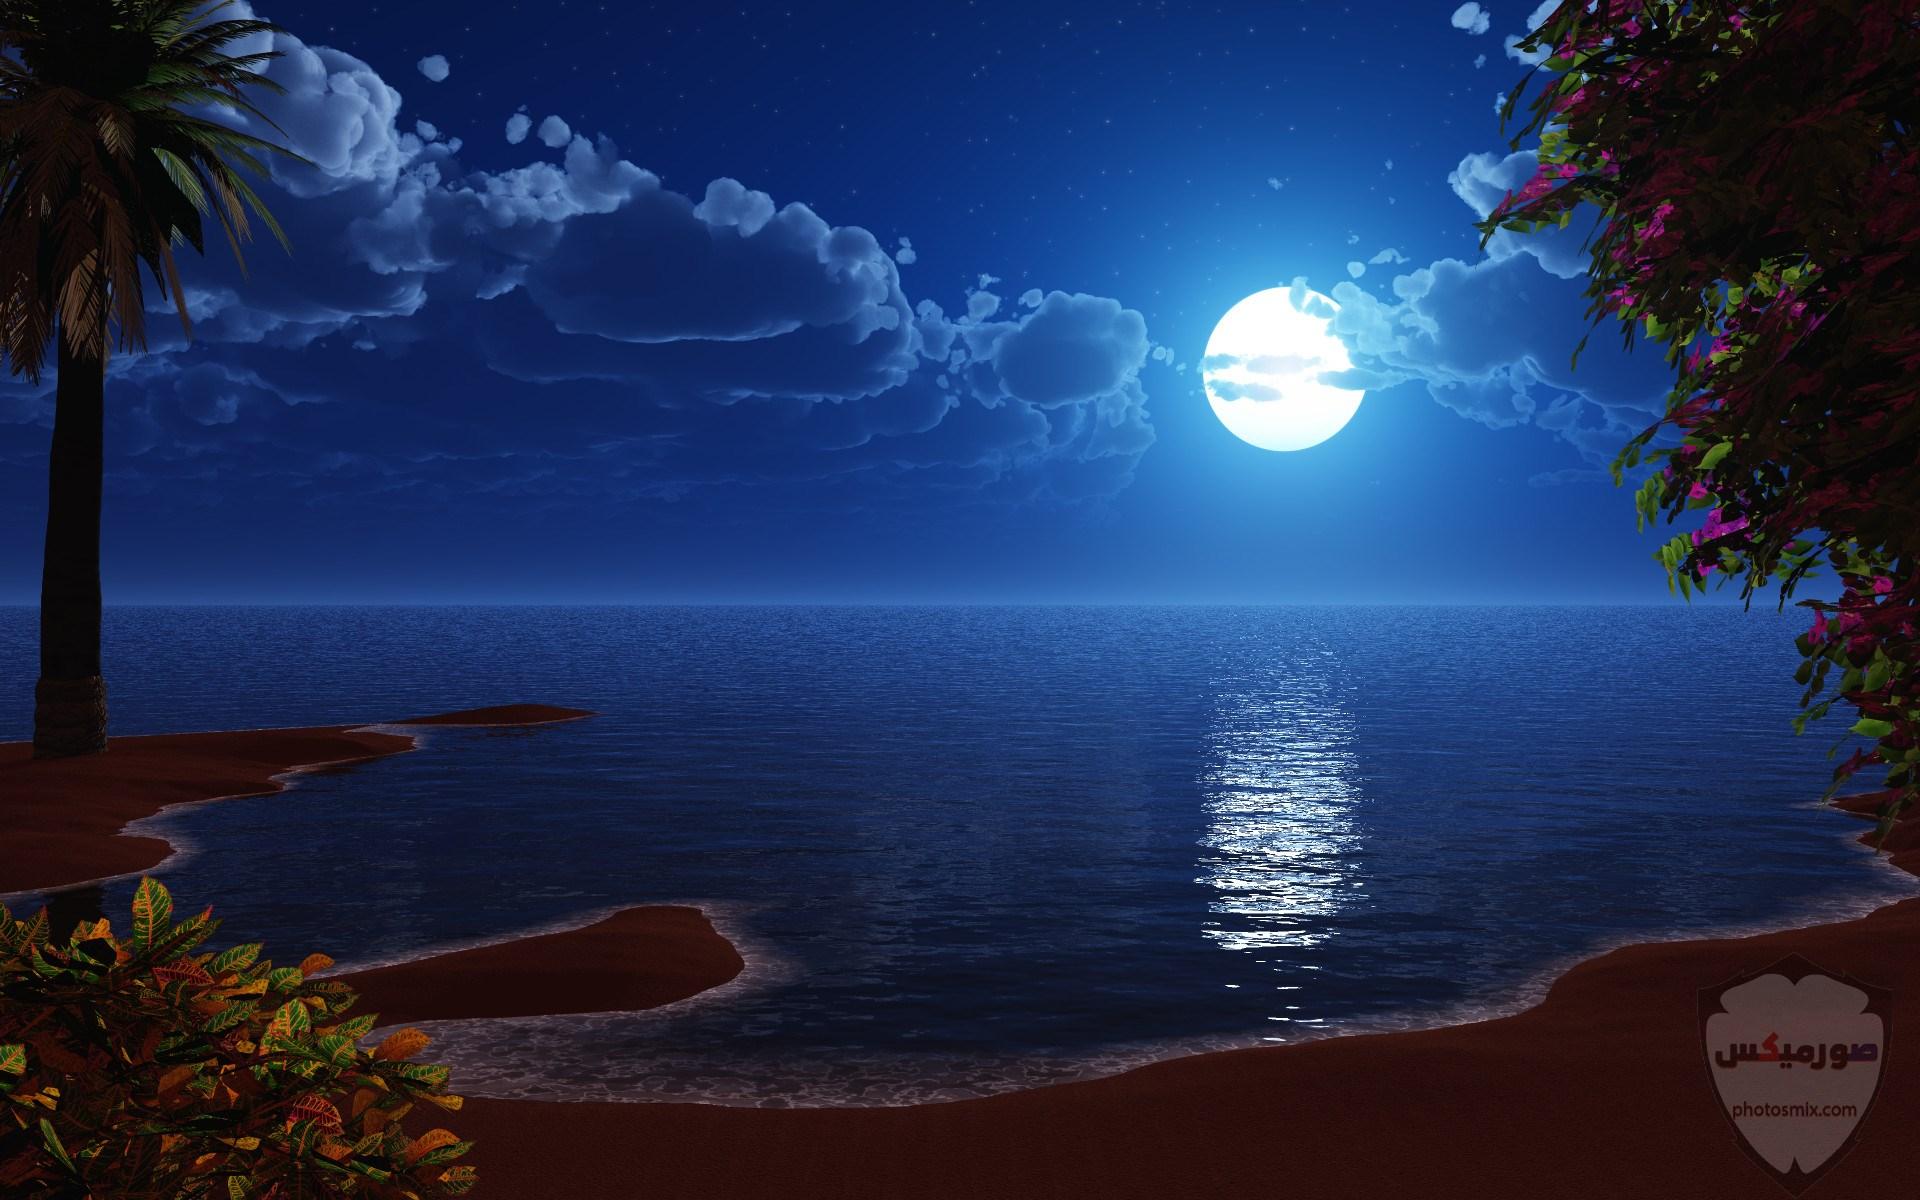 صور القمر والسماء والنجوم خلفيات للقمر والبدر والهلال عالية الجودة 14